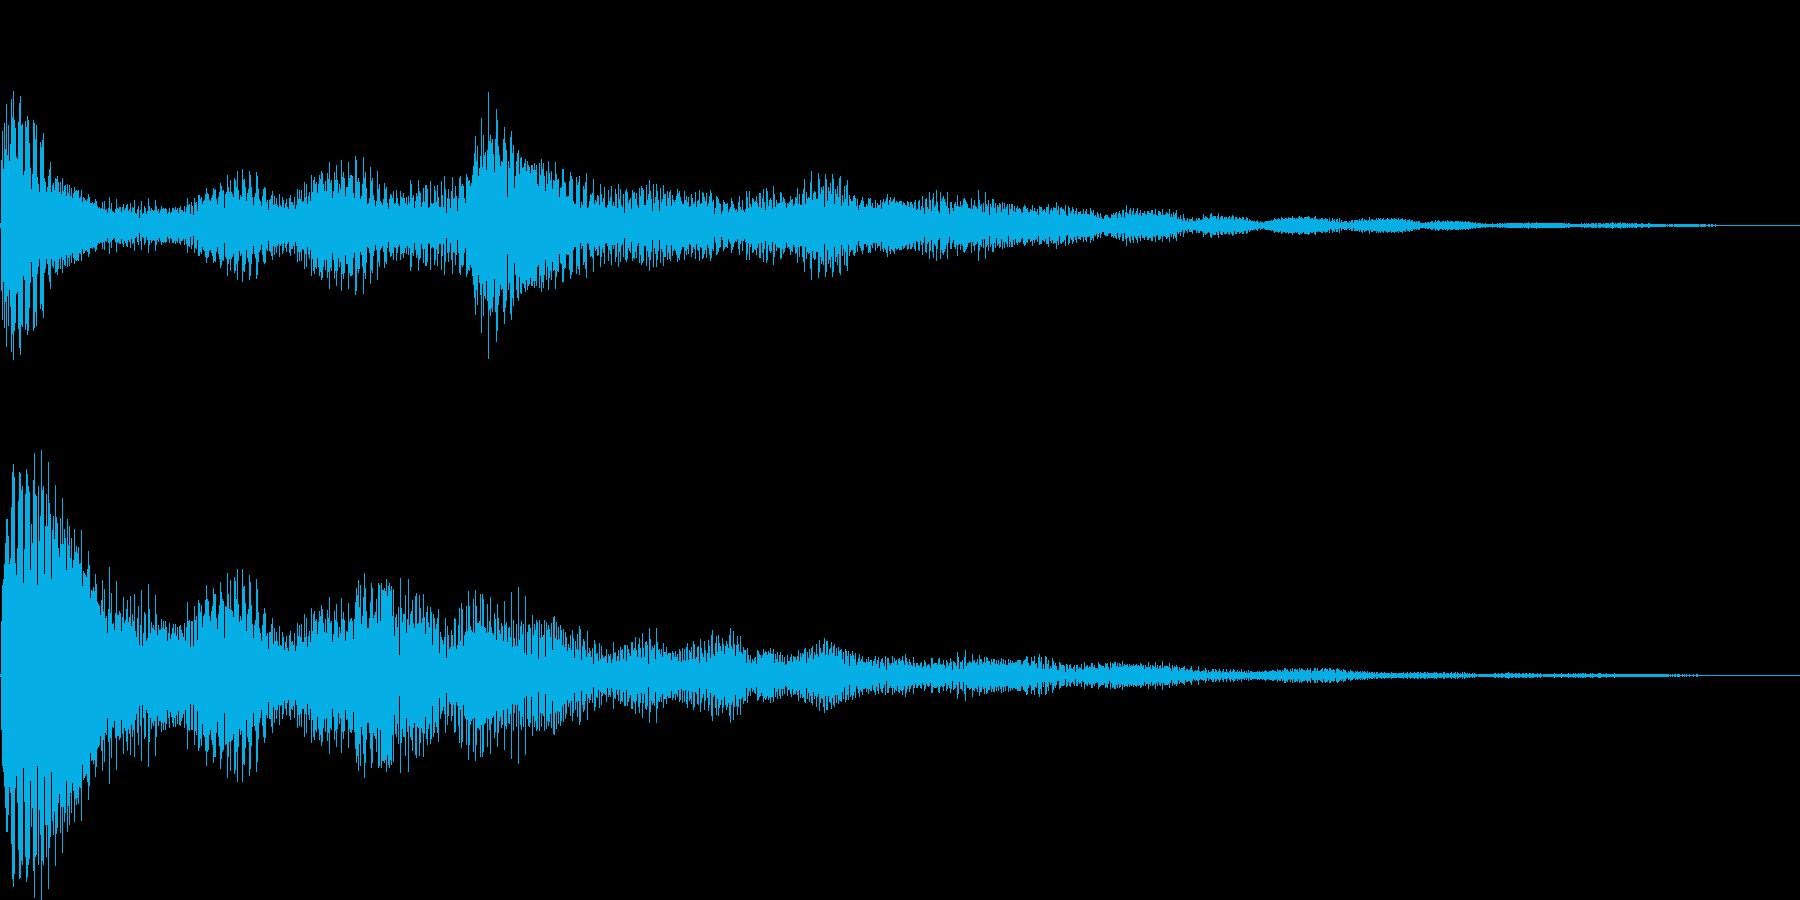 パワーン(タイトル、表示、ボタン)の再生済みの波形